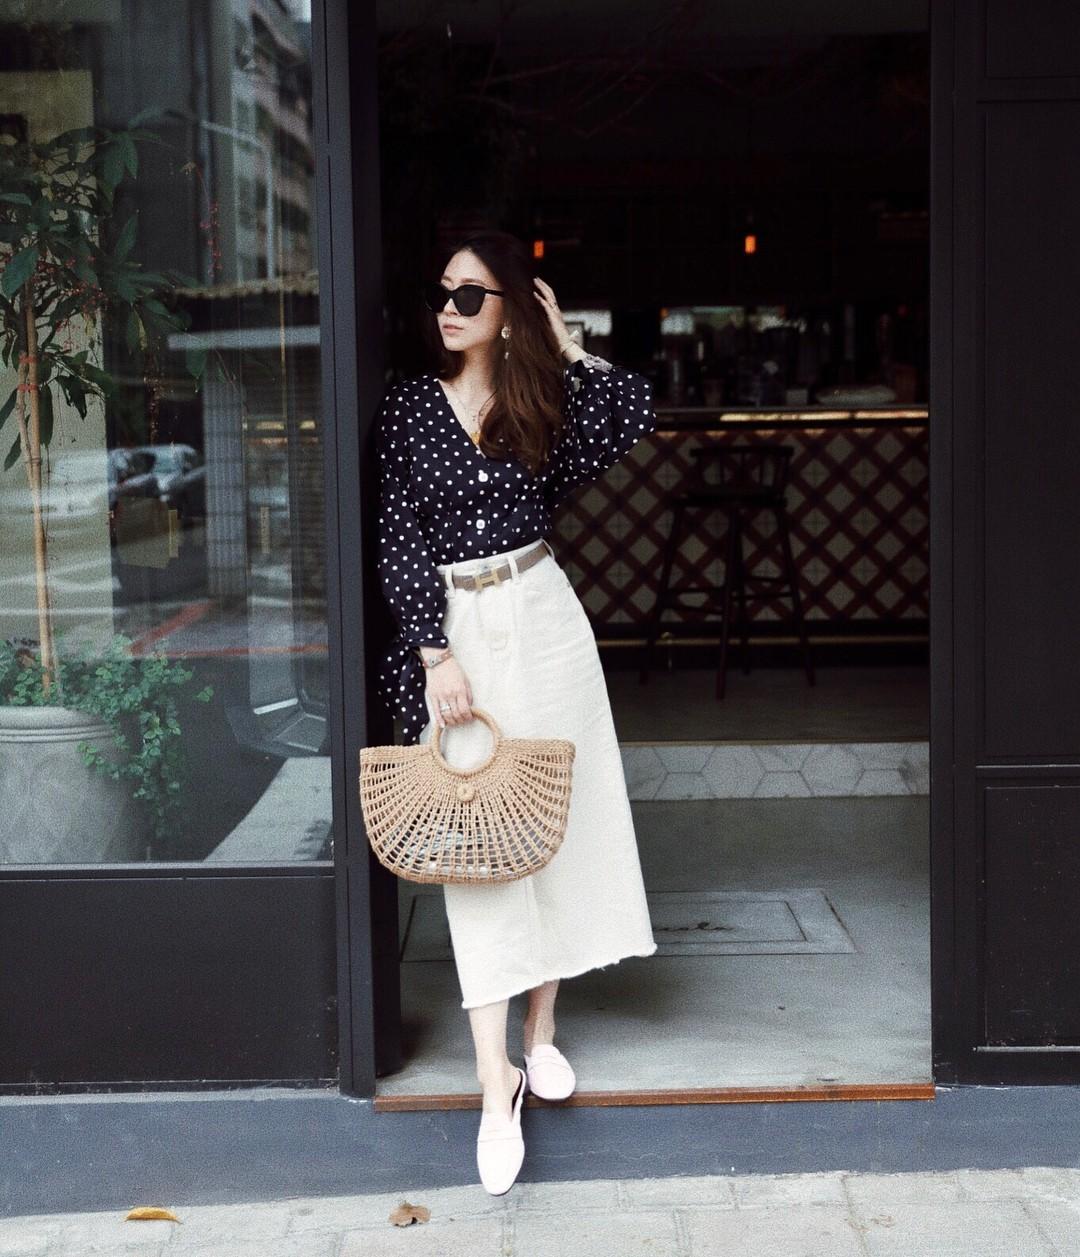 6 items thời trang các quý cô ngoài 30 tuổi cần có để thật xinh đẹp và cuốn hút trong mọi hoàn cảnh - Ảnh 1